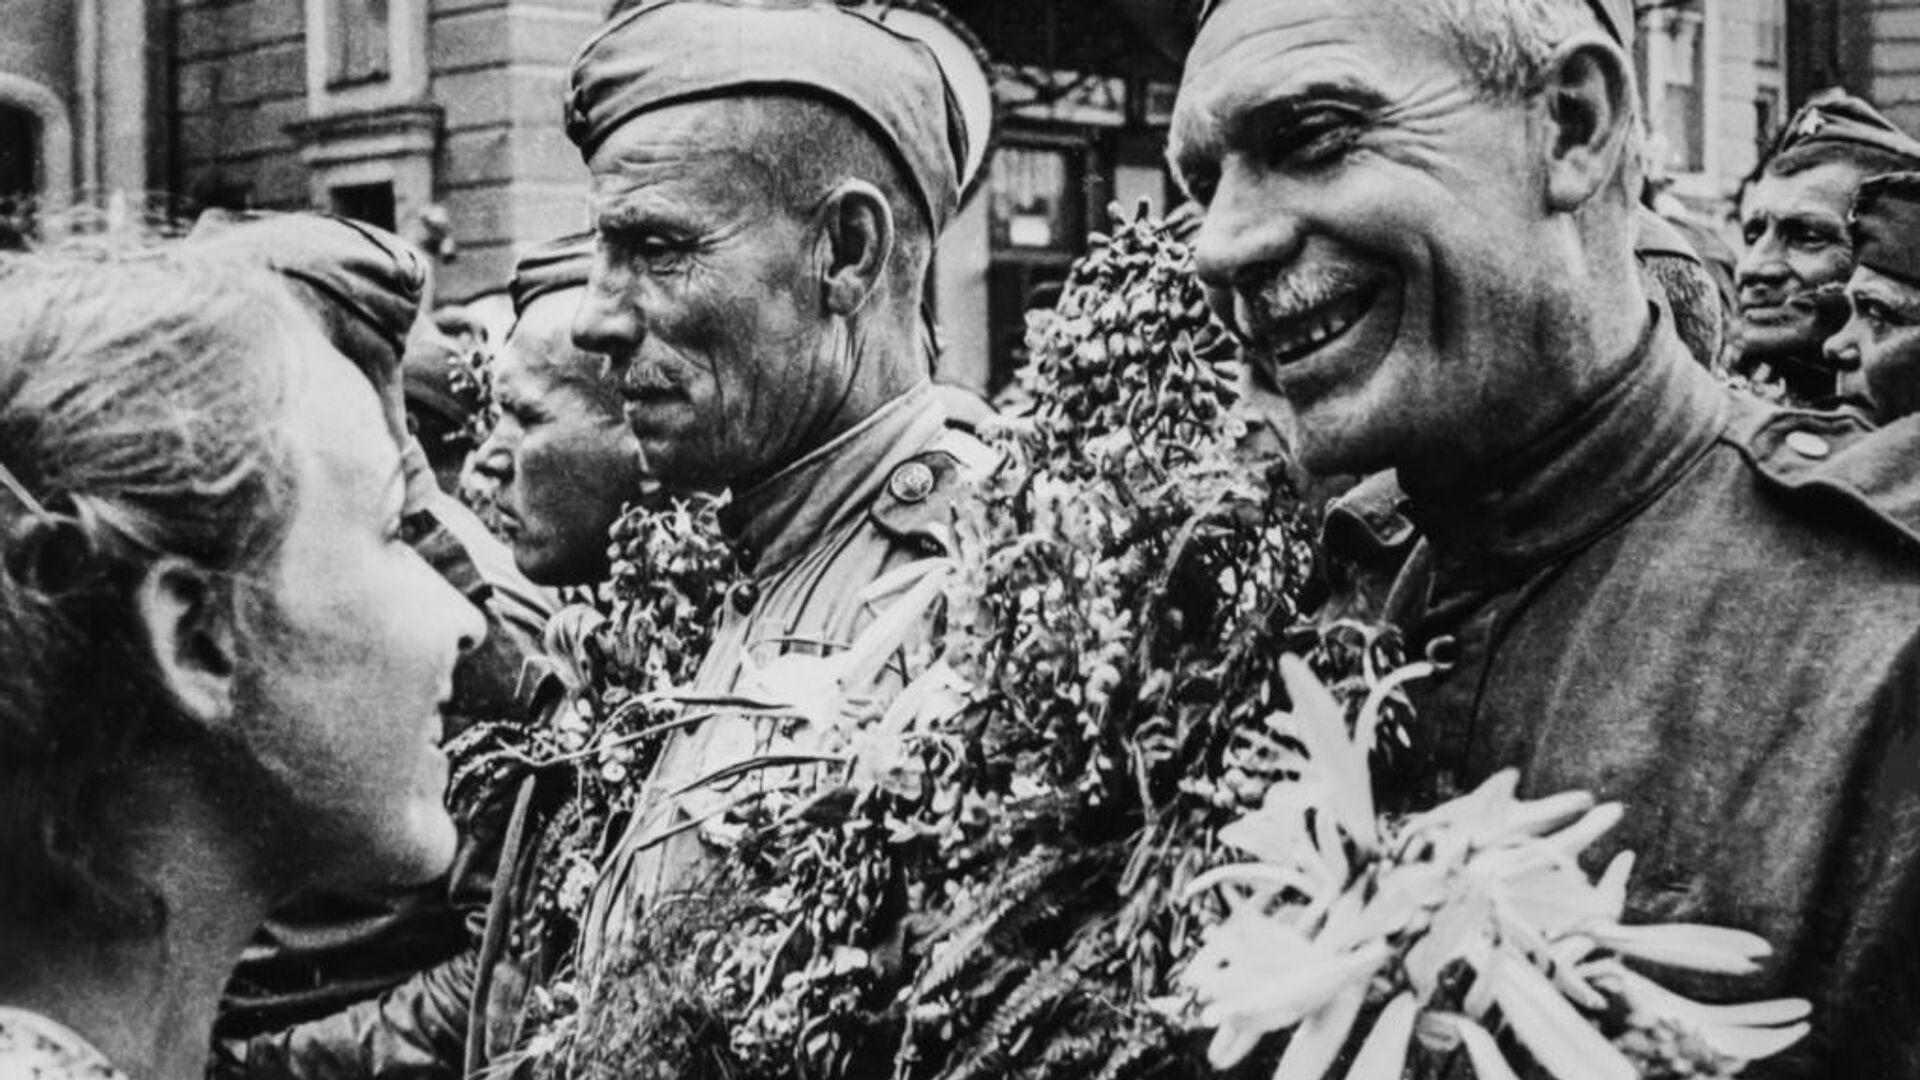 Фотографии, представленные на уличных выставках ко Дню Победы в Москве - РИА Новости, 1920, 08.05.2021